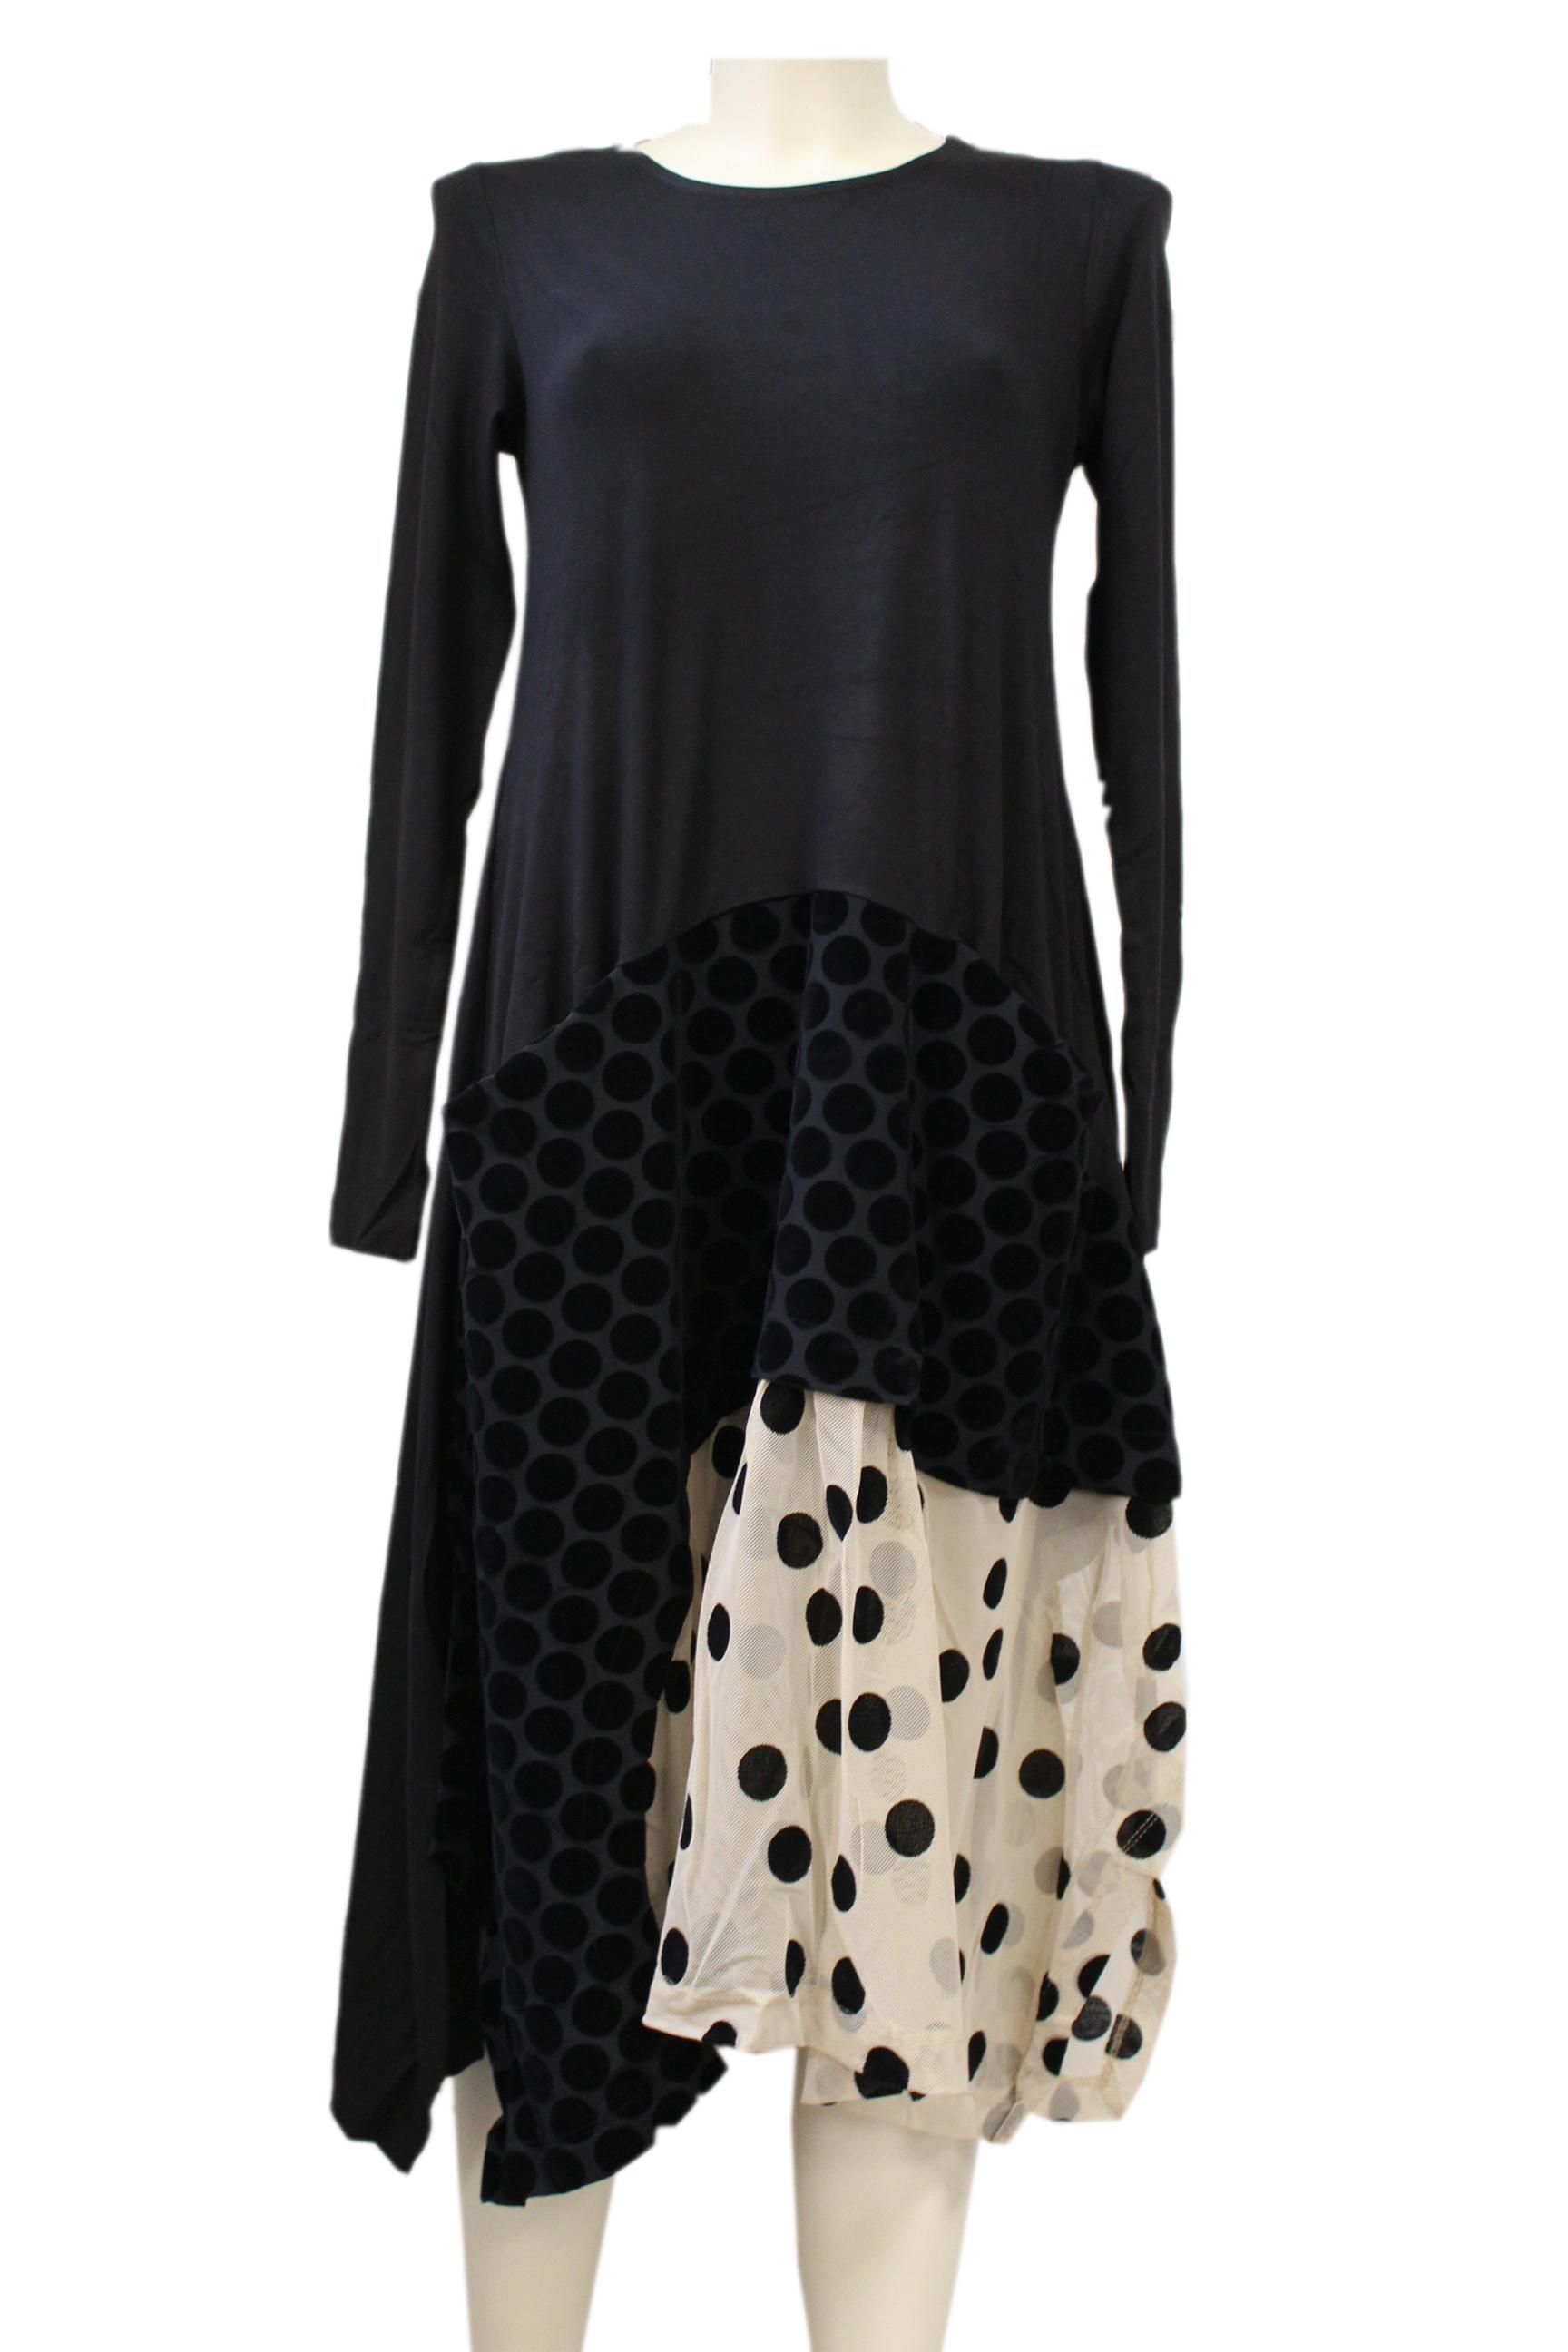 alembika - kleid abendkleid - schwarz creme mit schwarzen punkten